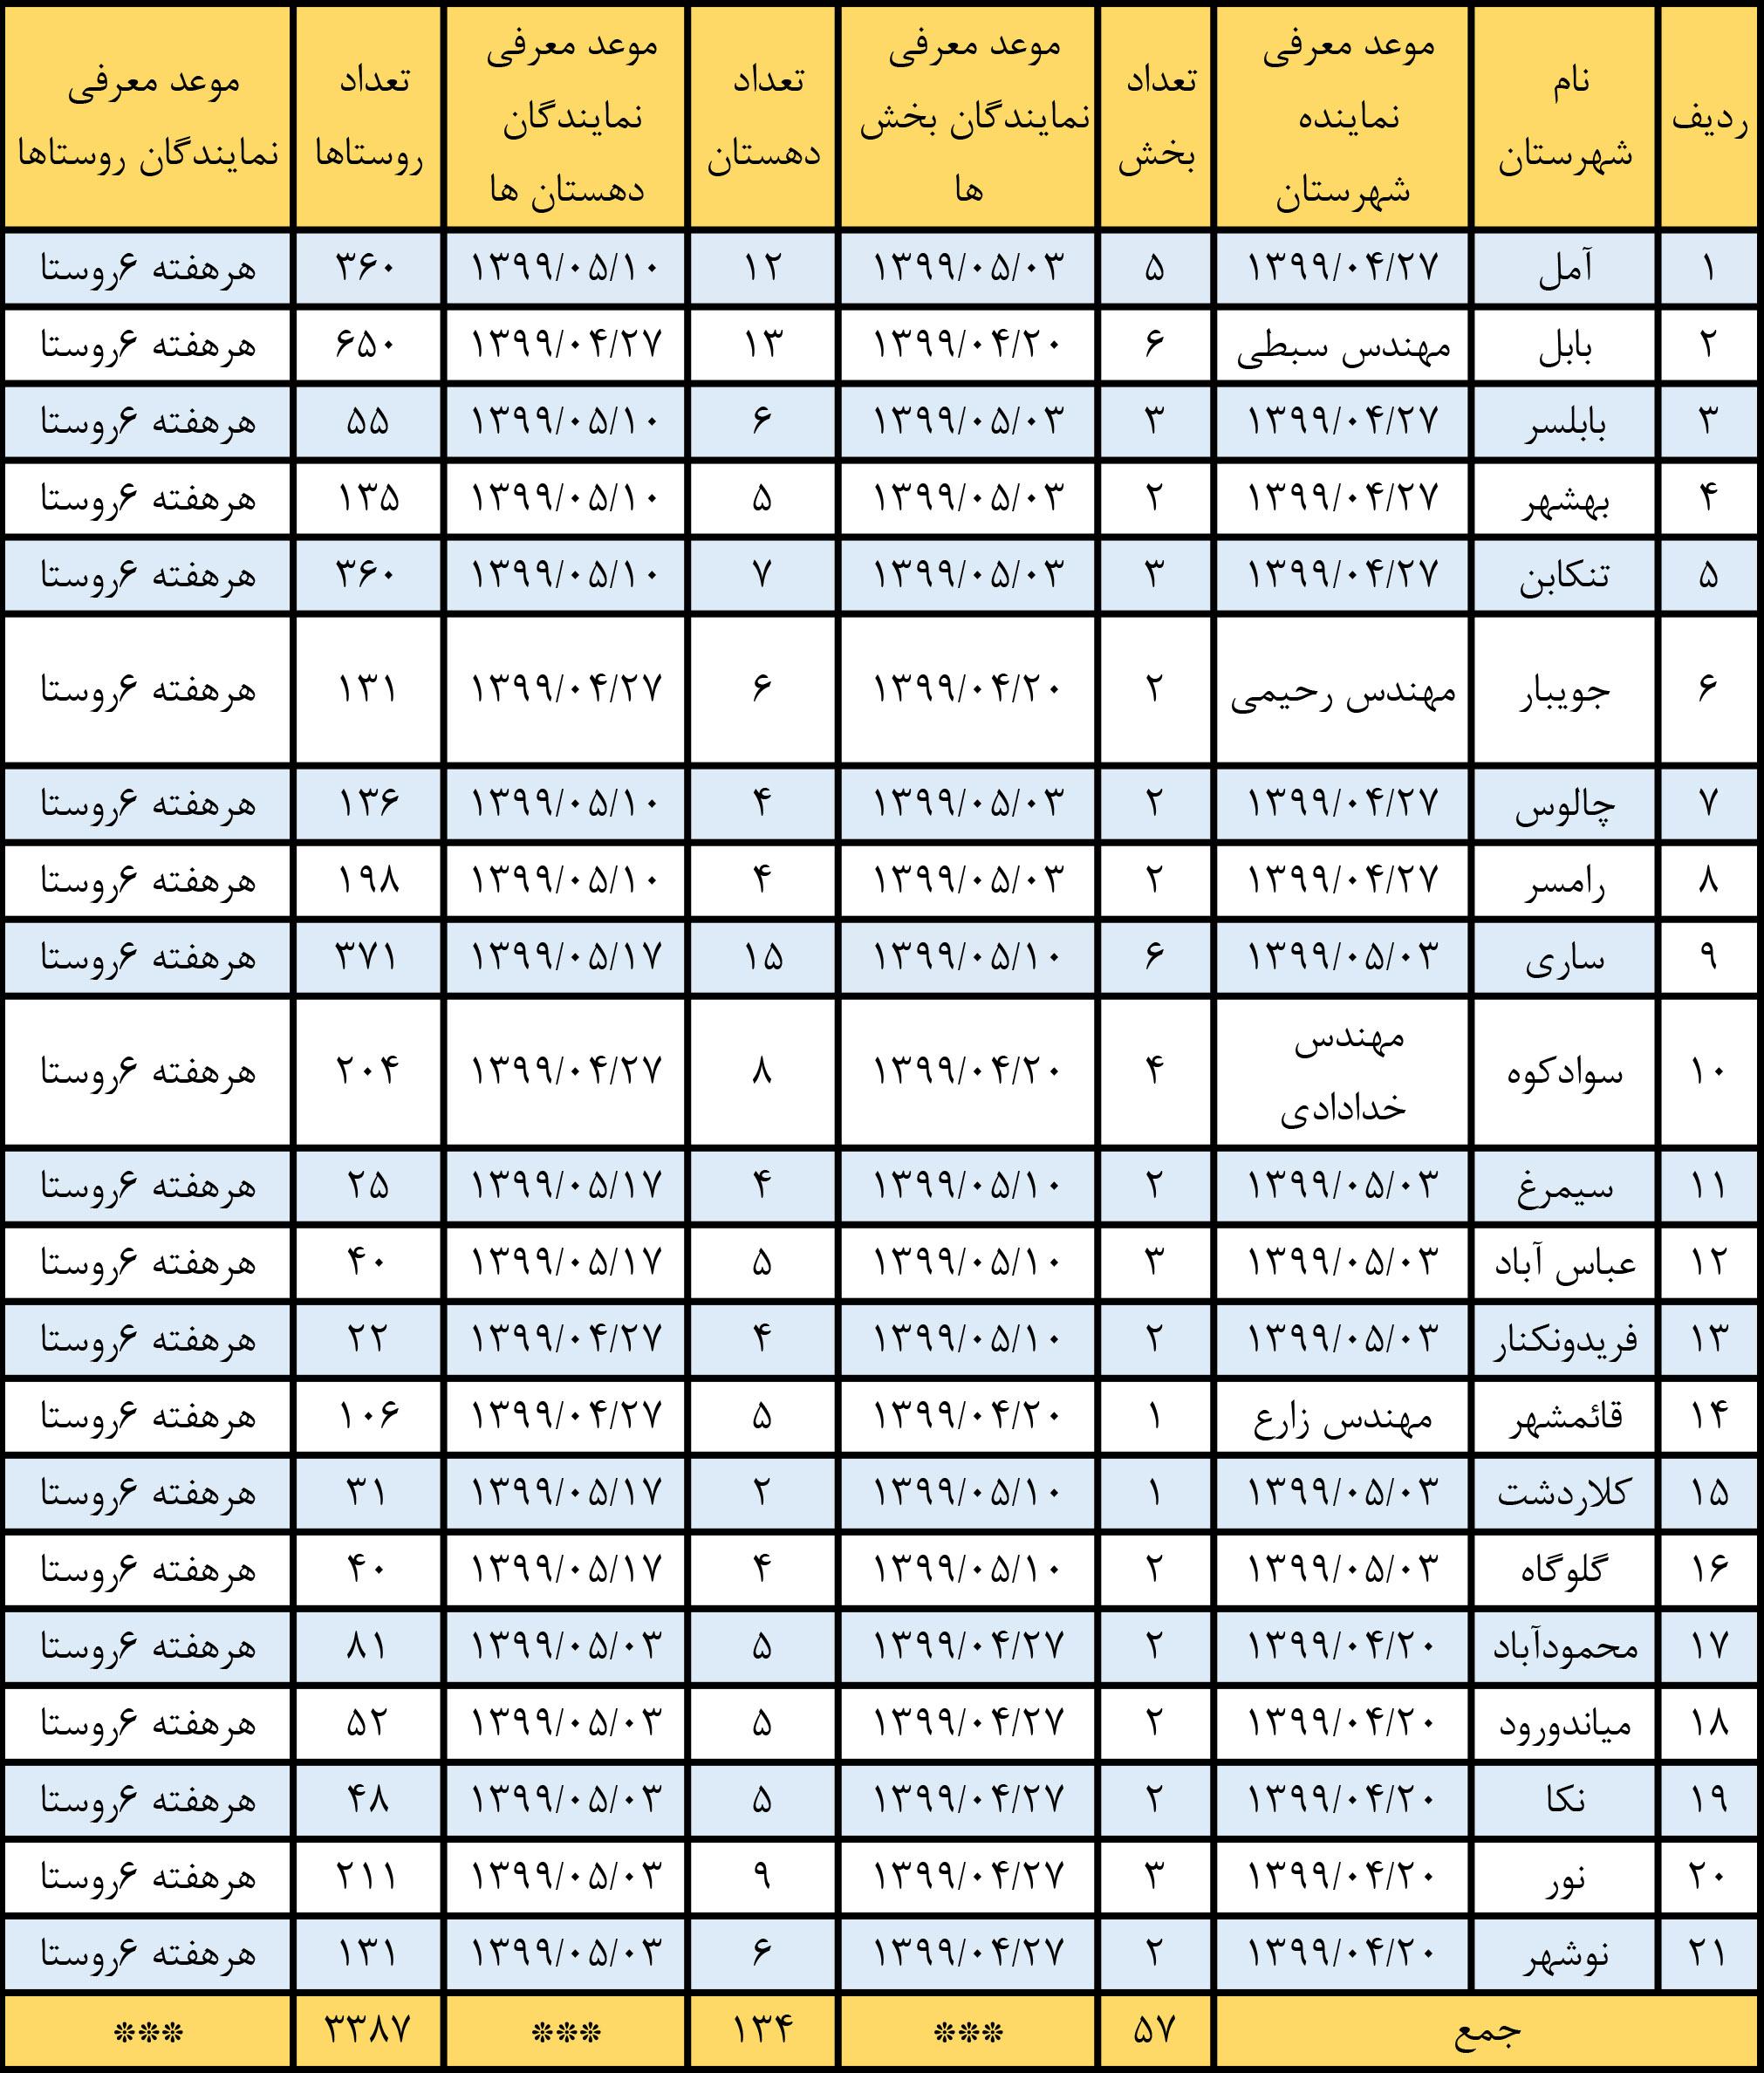 جدول زمان بندی انتخاب نماینده بکوجا در استان مازندران